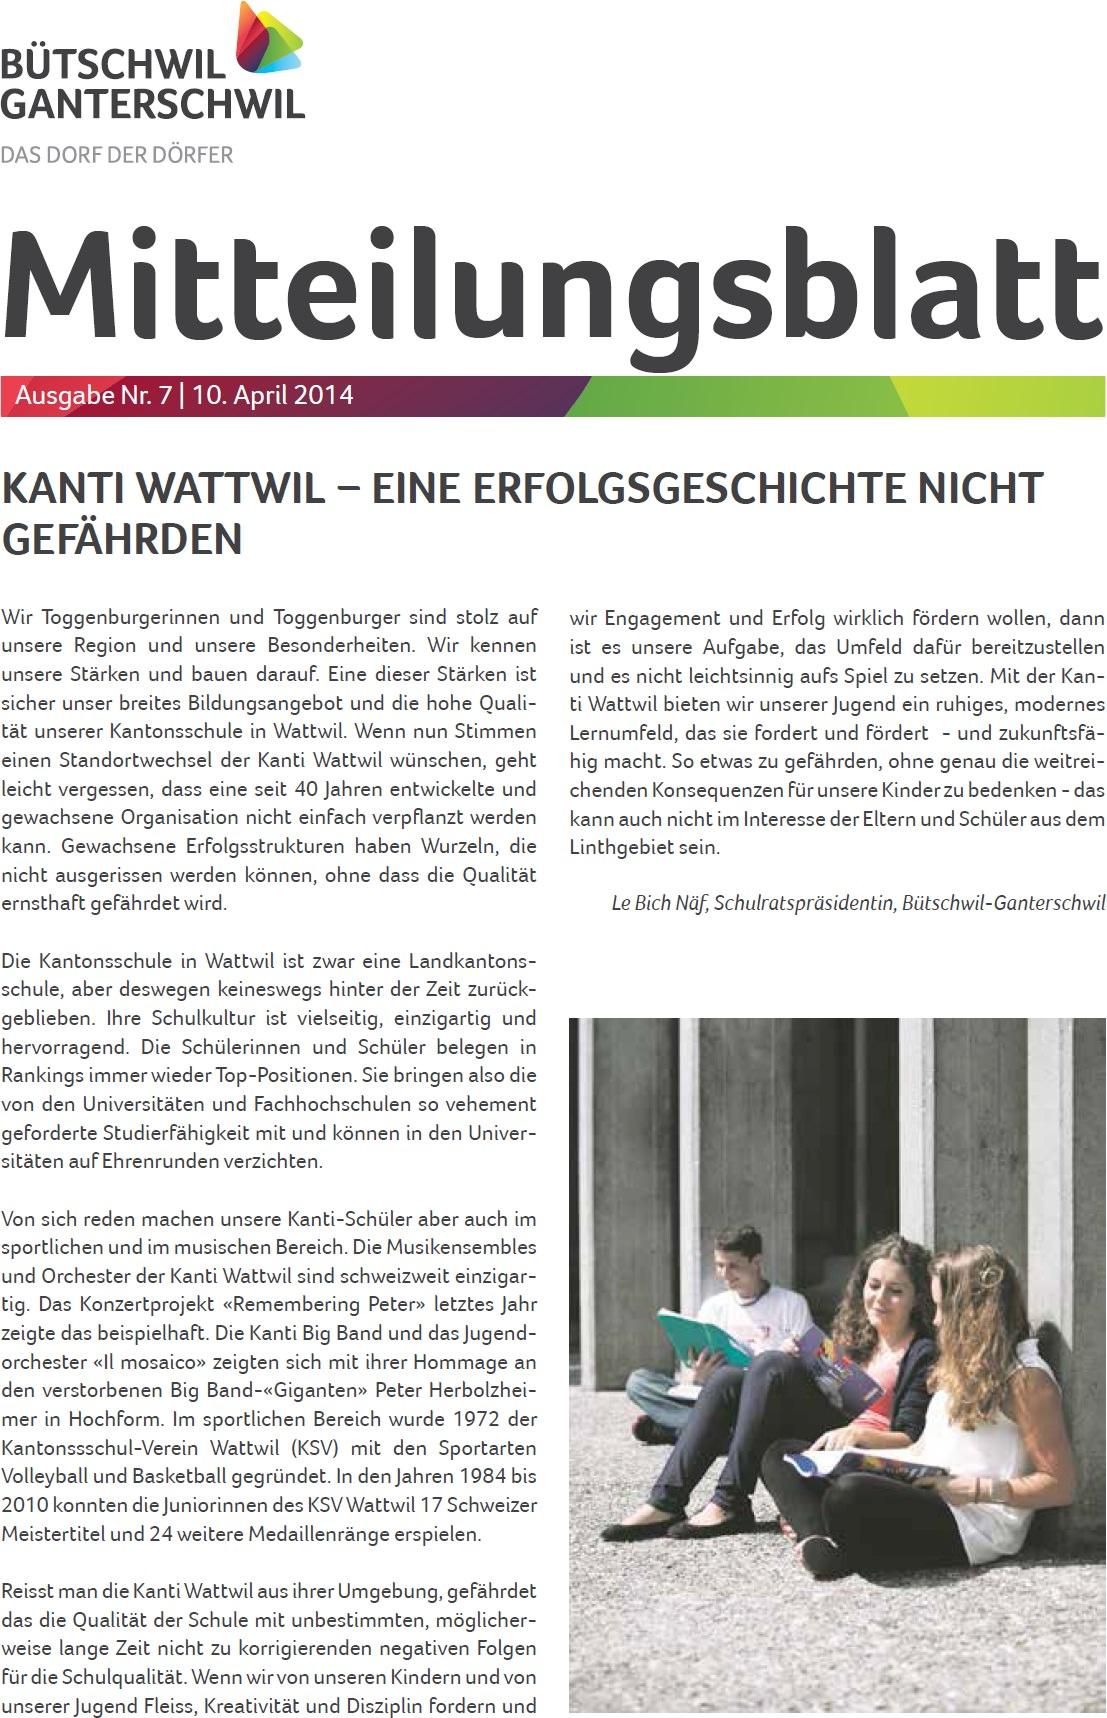 Kanti Wattwil - eine Erfolgsgeschichte nicht gefährden (Donnerstag, 10.04.2014)